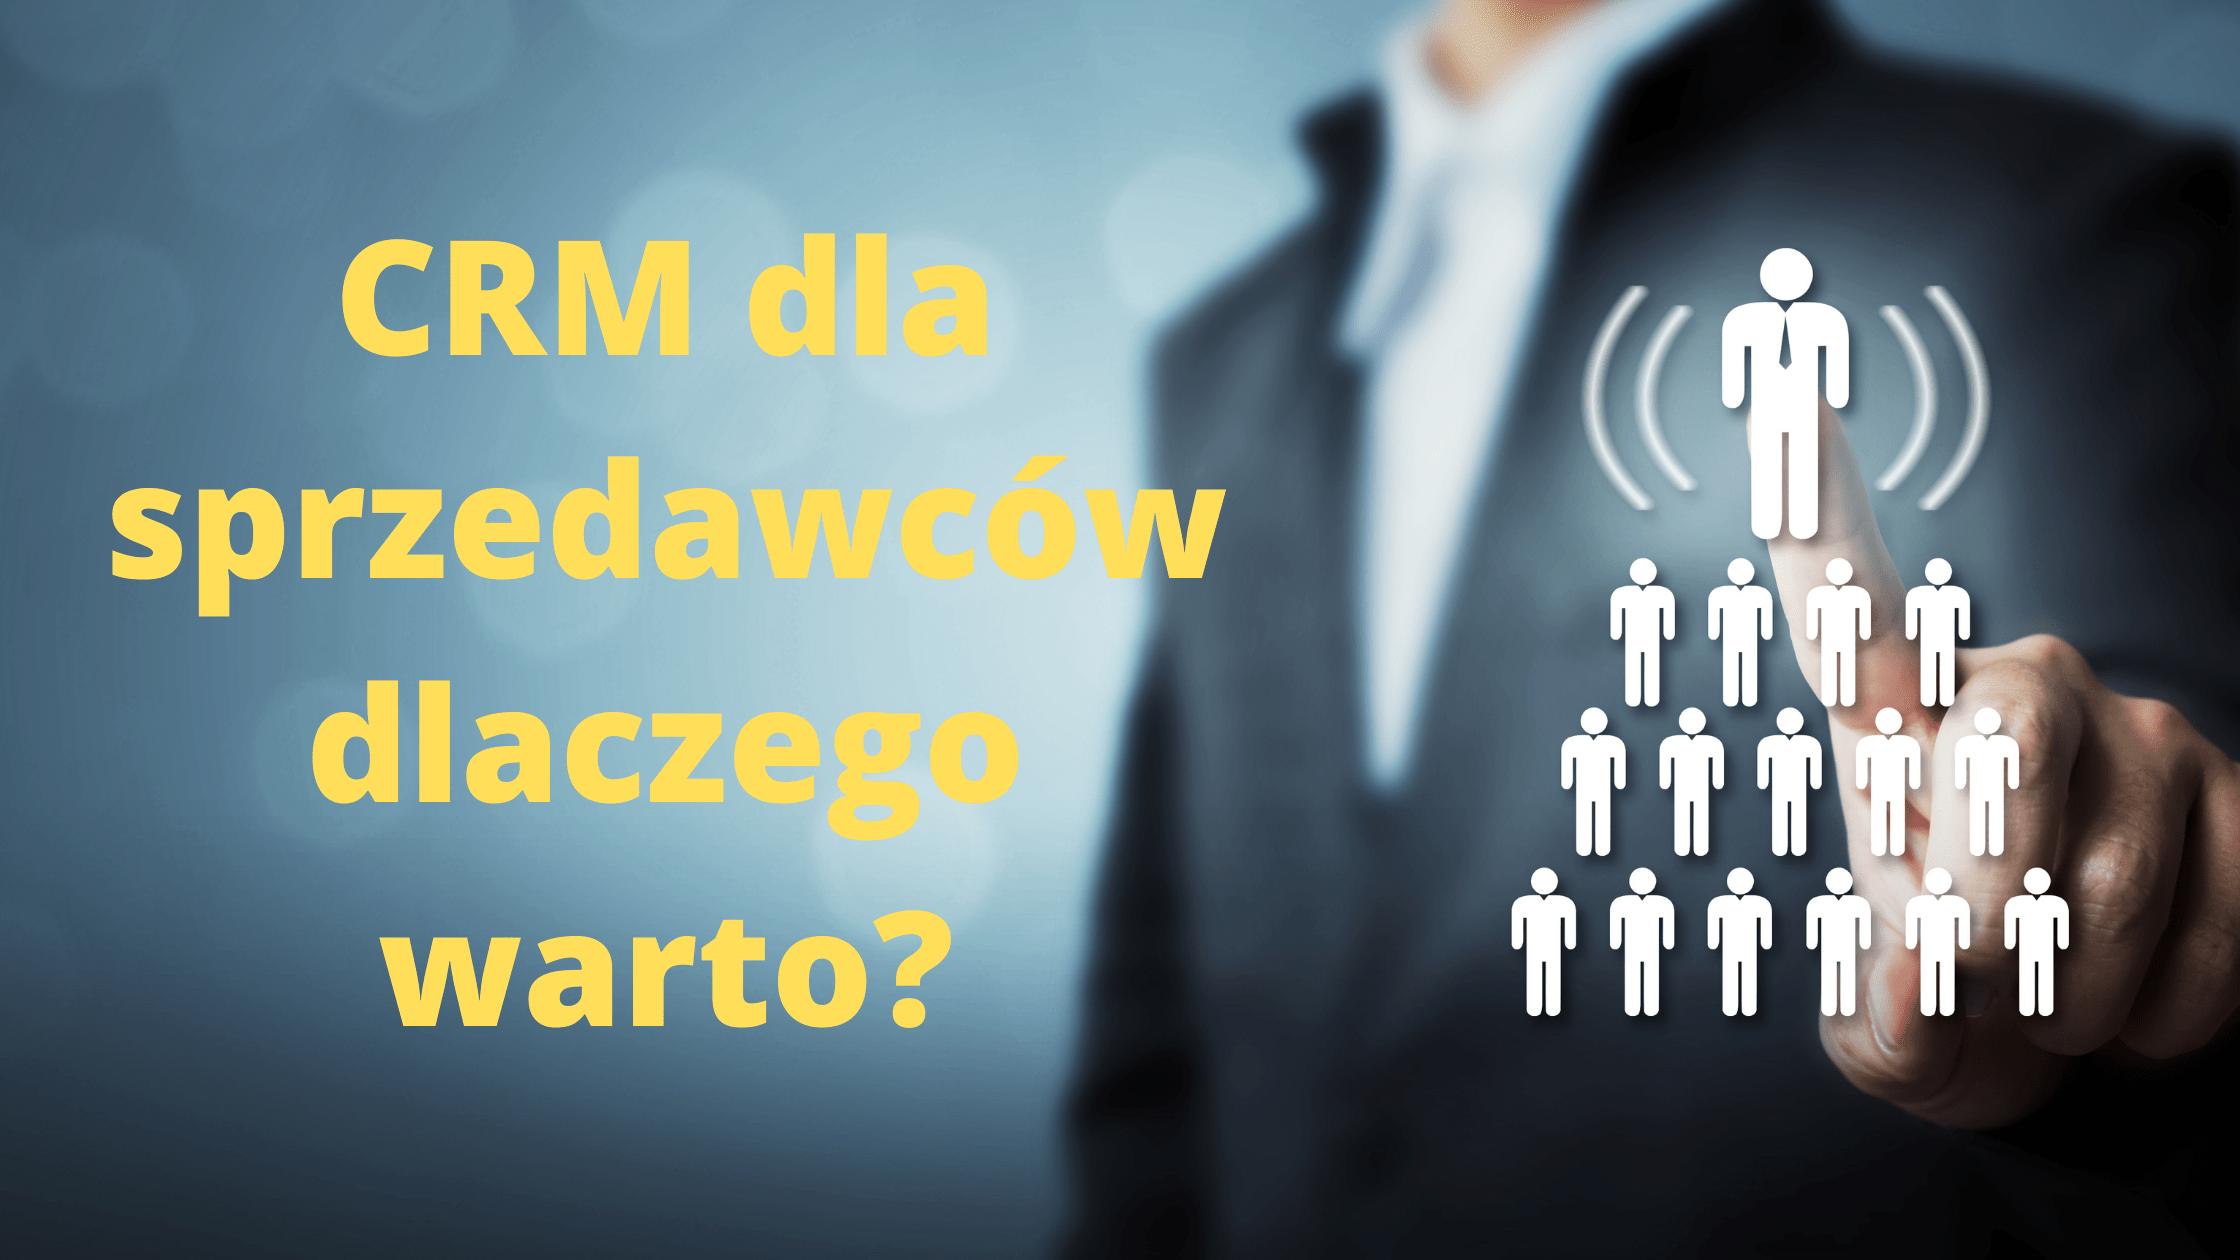 CRM dla sprzedawców- dlaczego warto?